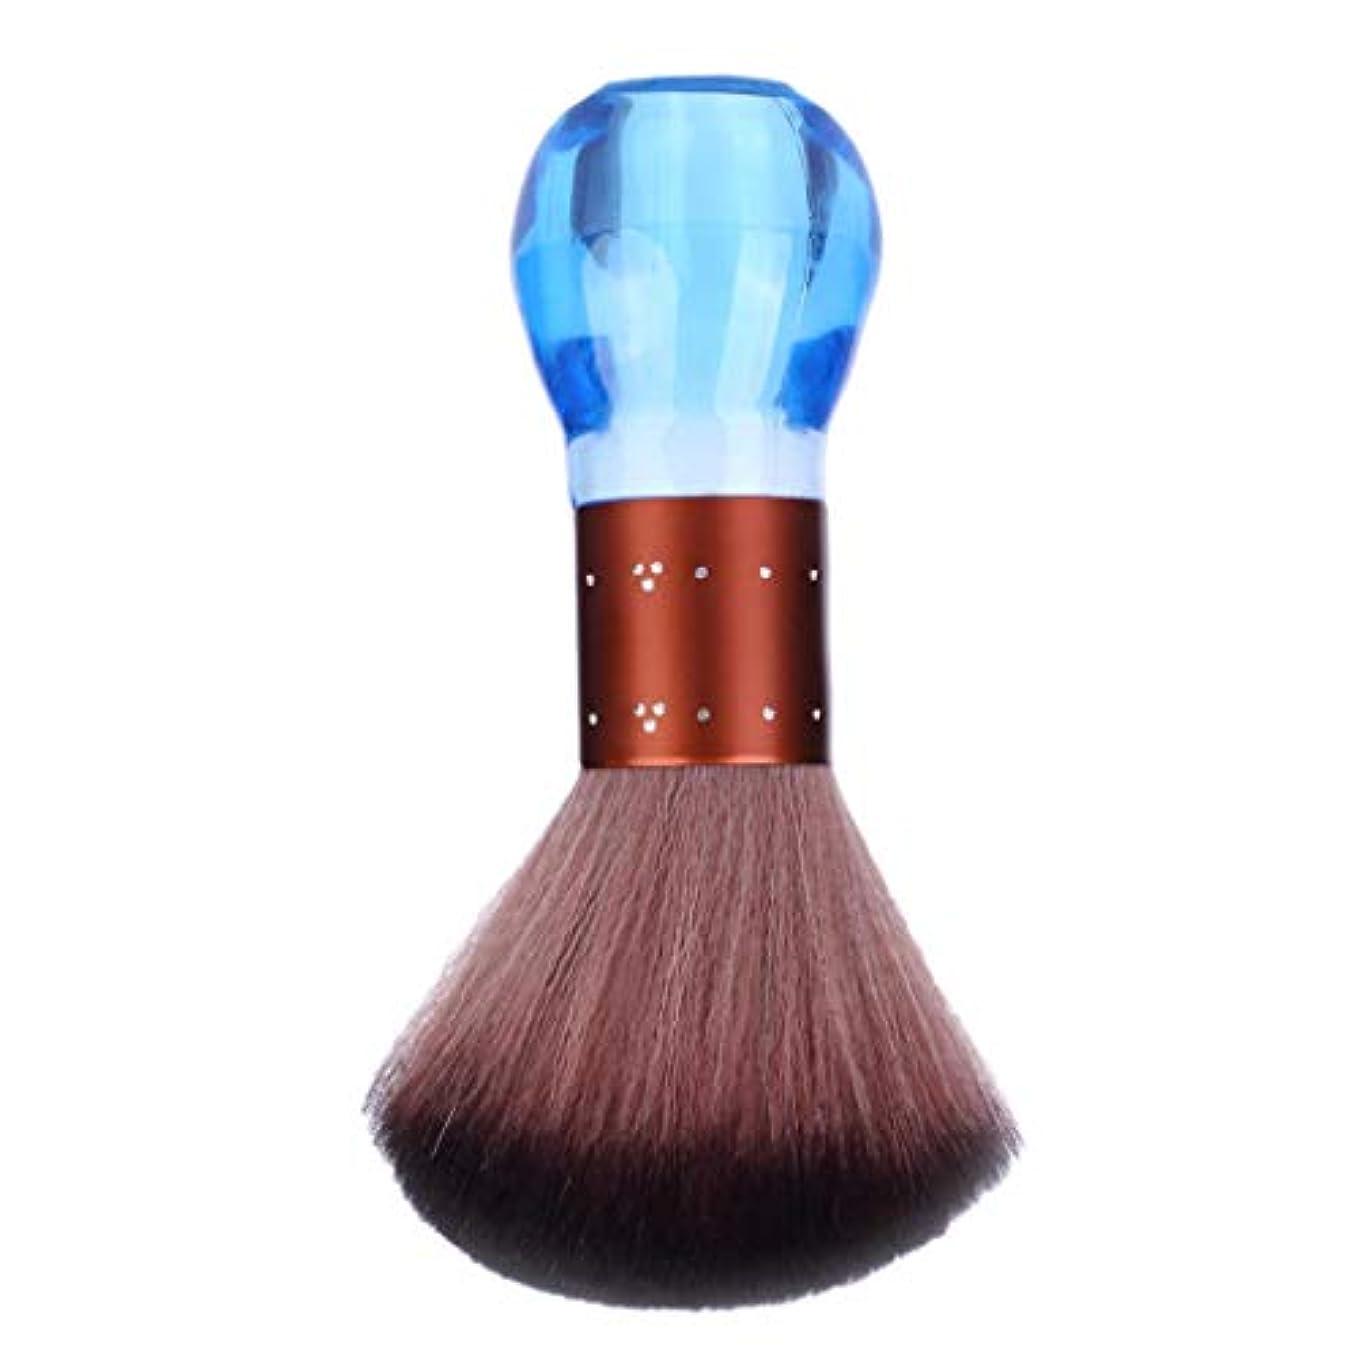 エンゲージメント連想ぎこちないF Fityle ネックダスターブラシ ヘアカット ヘアブラシ ネックダスター 洗浄 理髪 美容